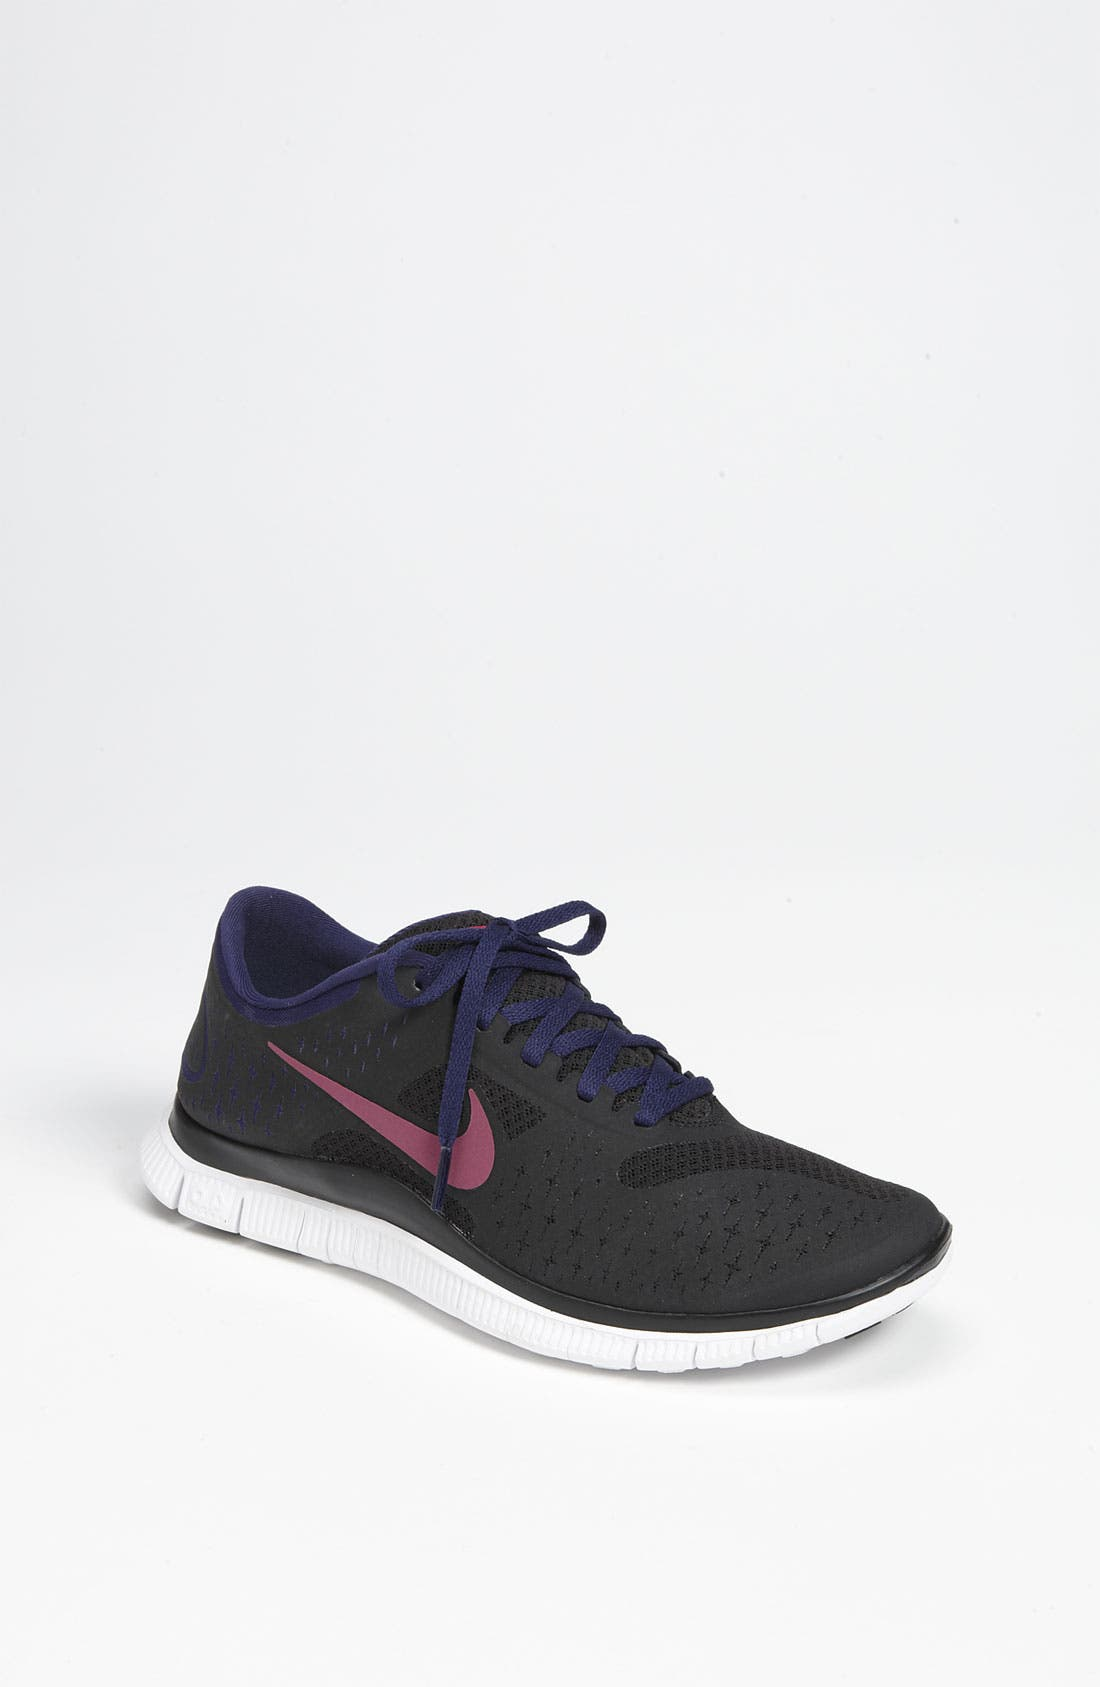 Alternate Image 1 Selected - Nike 'Free 4.0 V2' Running Shoe (Women)